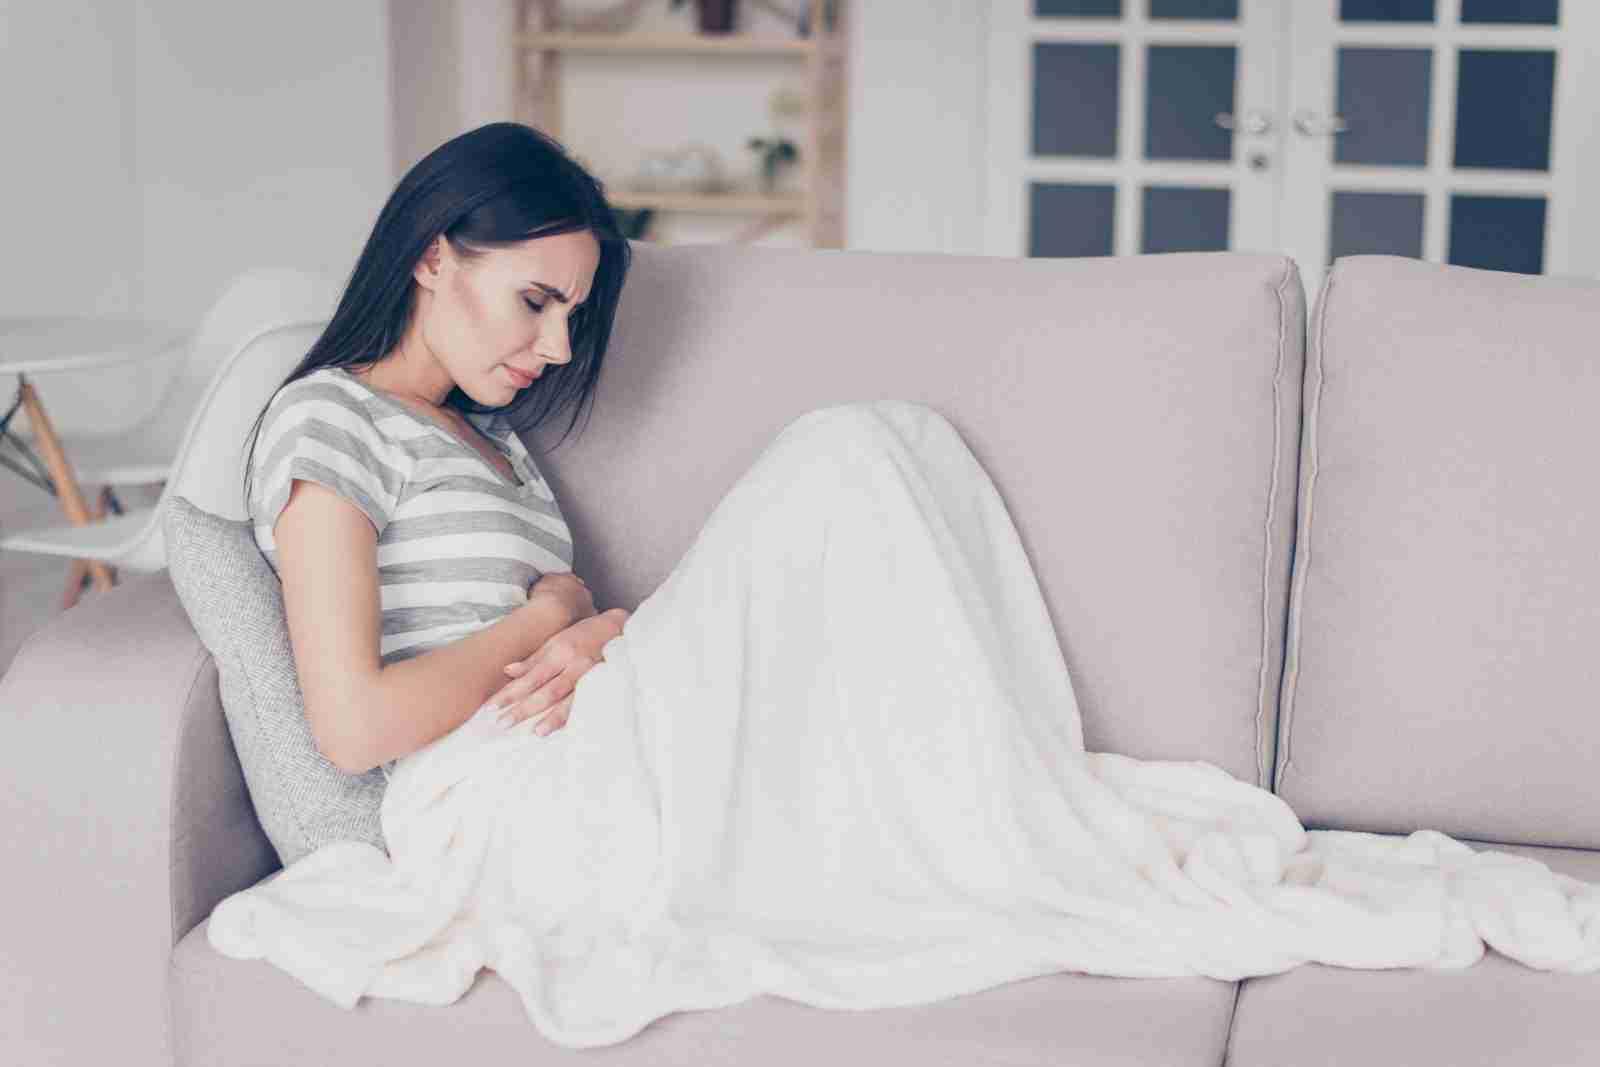 التخلص من ألام الدورة الشهرية